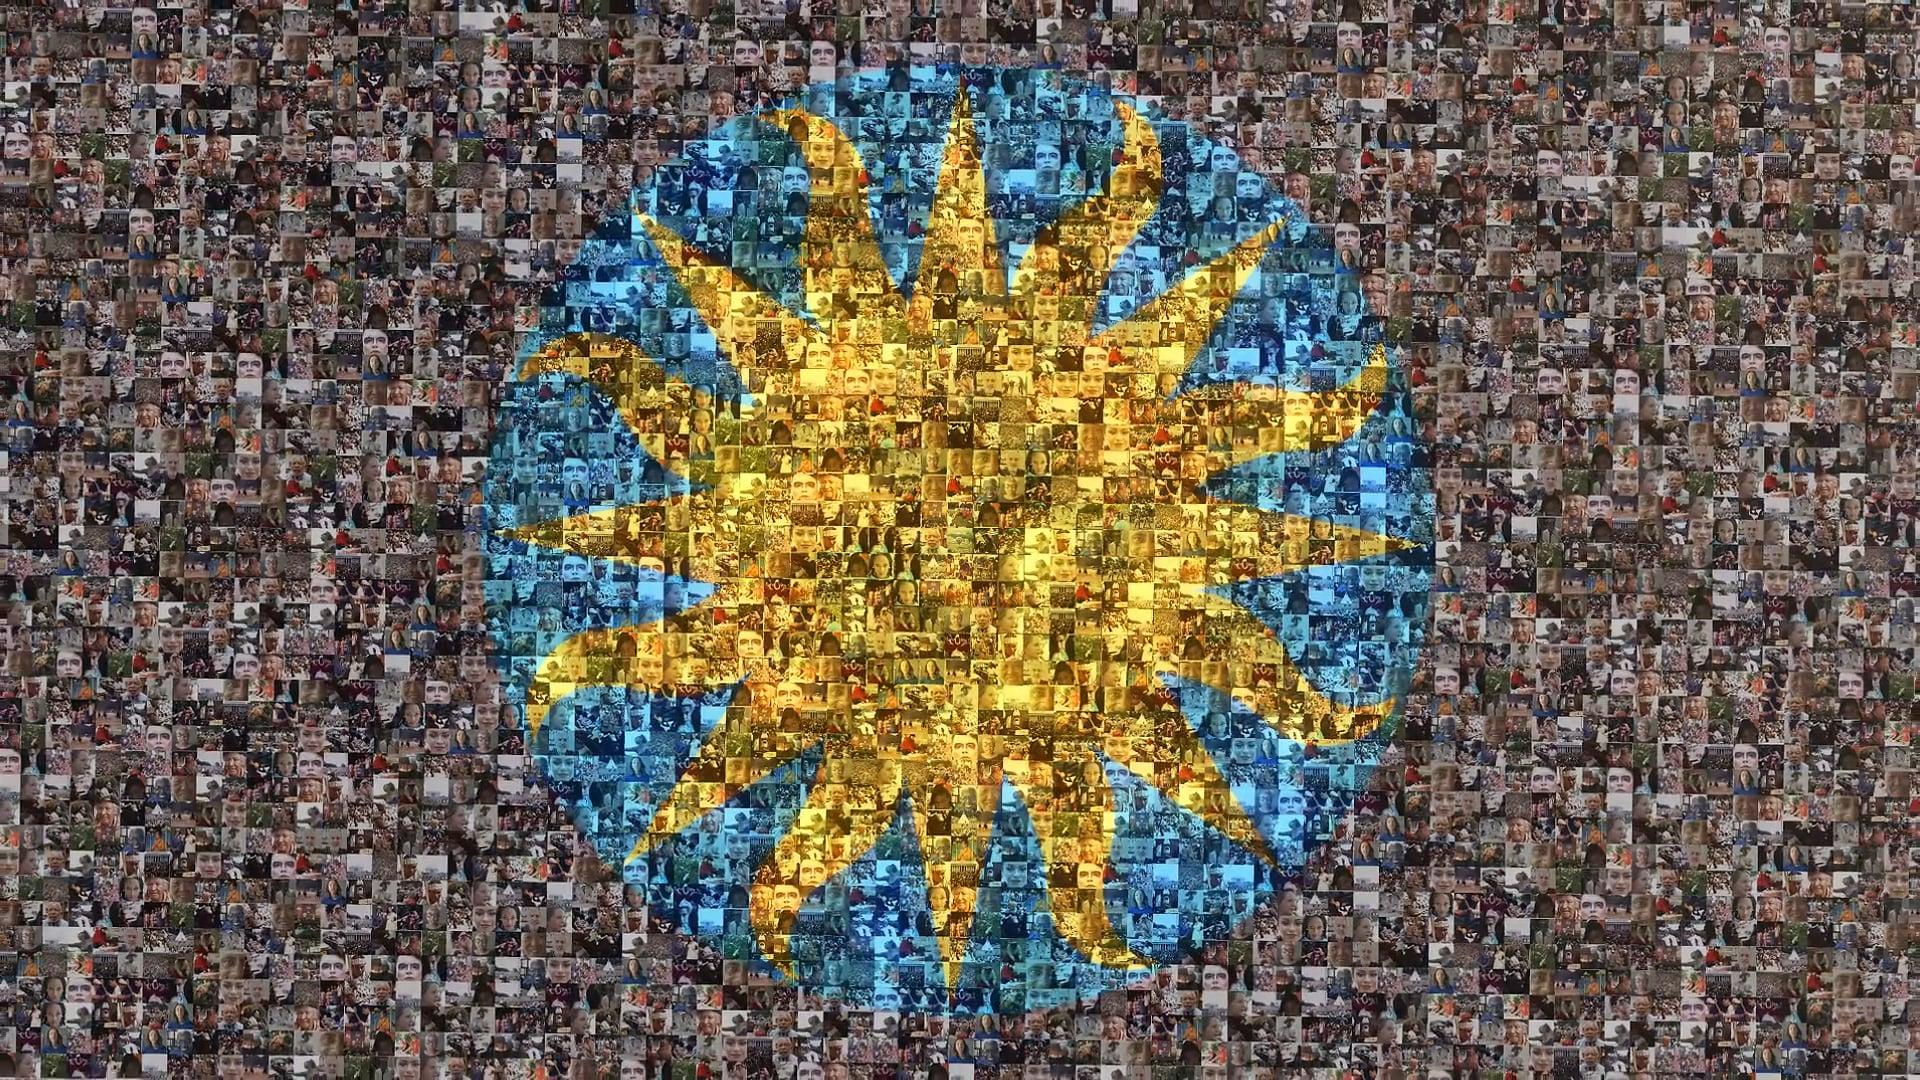 Smithsonian sunburst logo, made up of hundreds of tiny photographs.